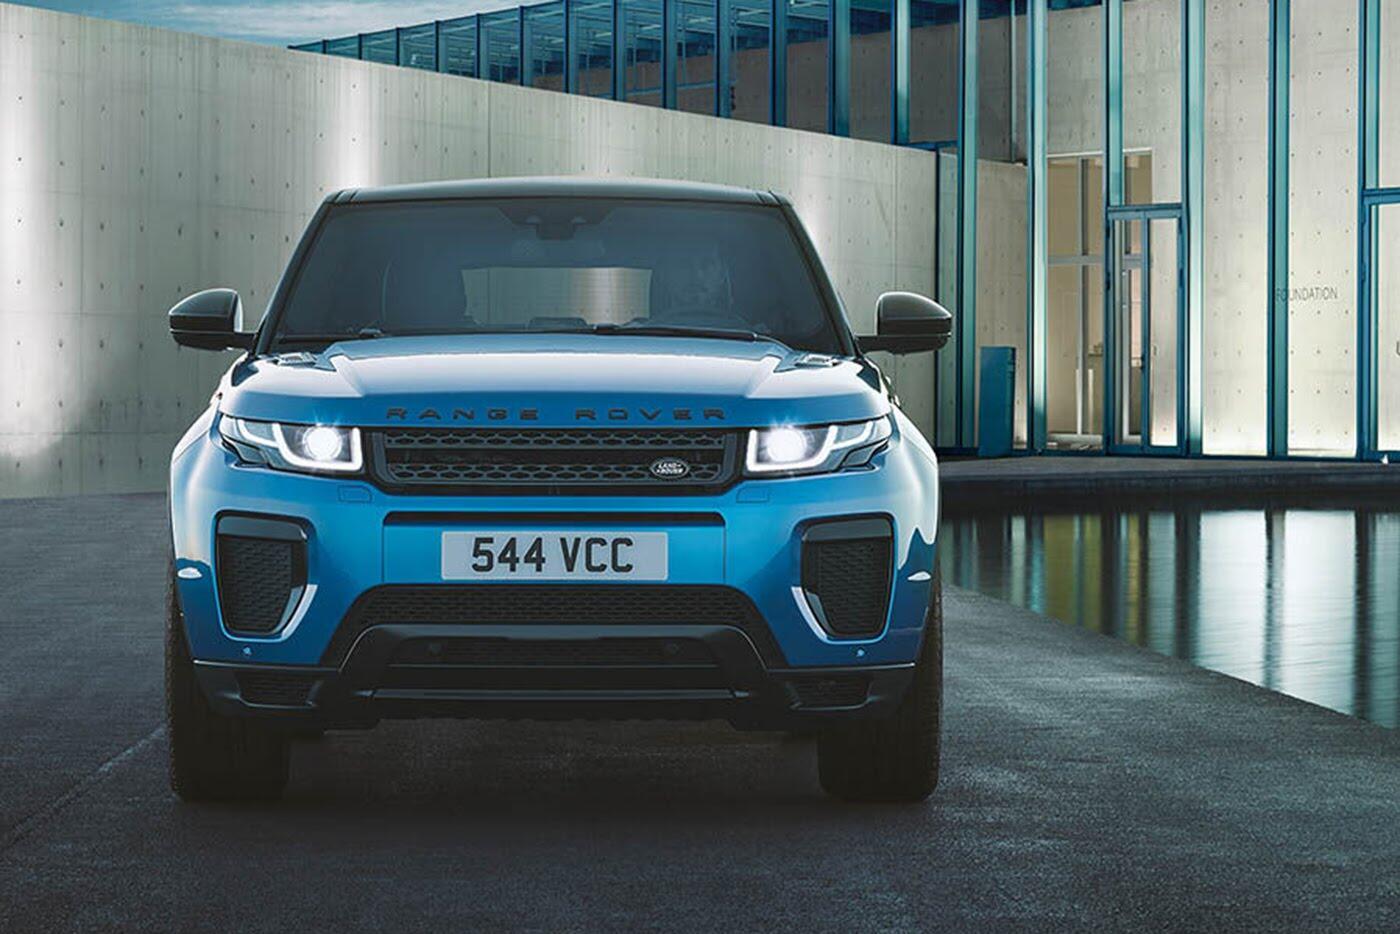 Range Rover Evoque Landmark bản đặc biệt có giá từ 74.350 USD - Hình 2